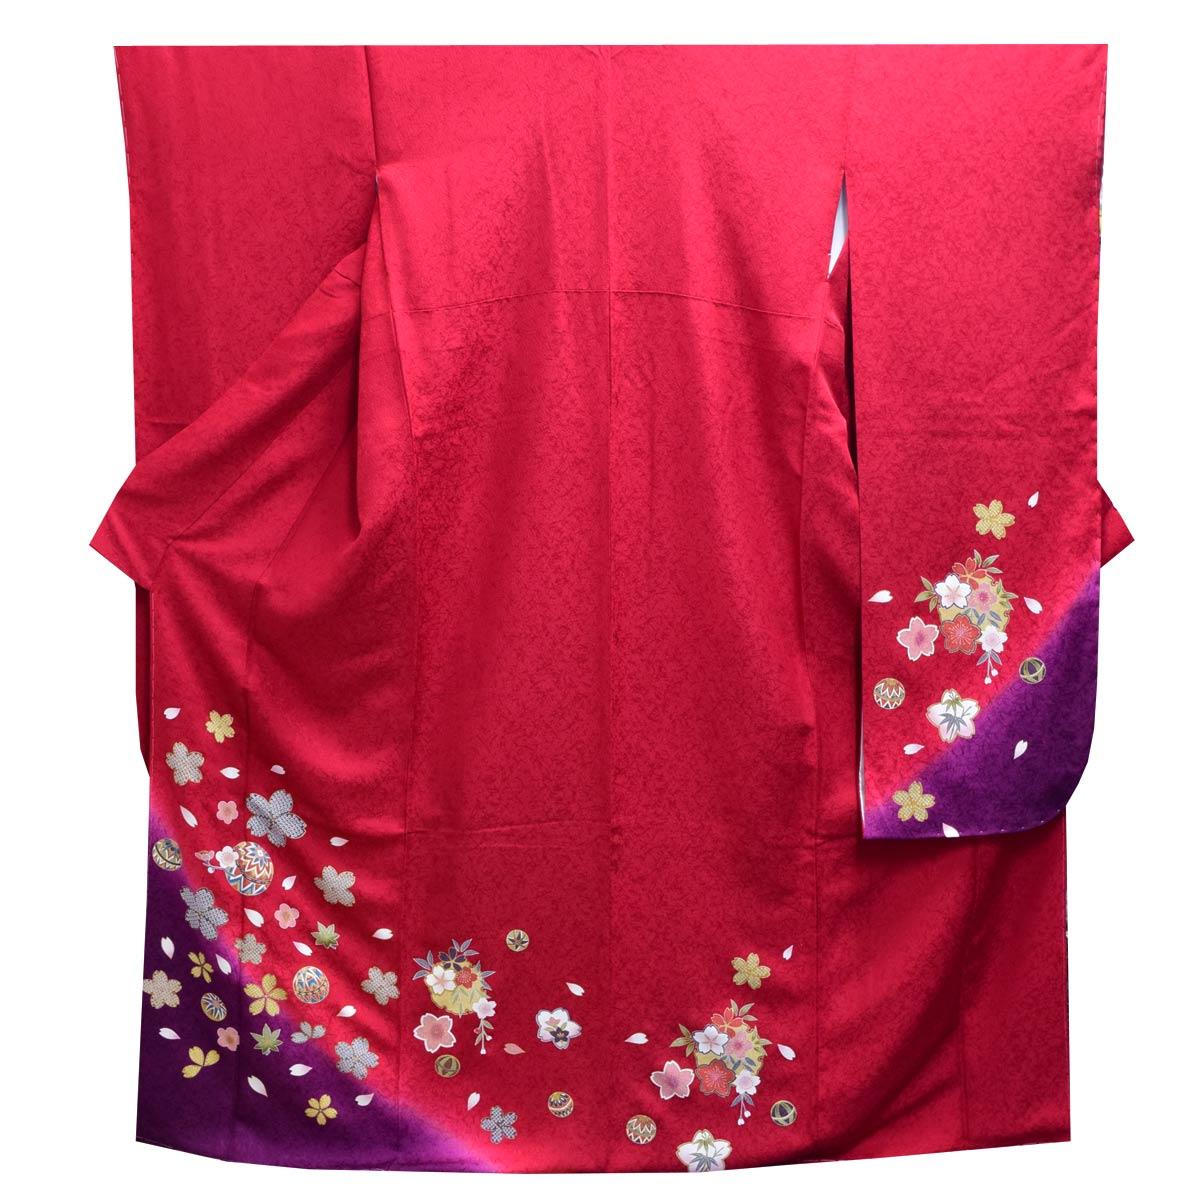 《30%オフクーポン利用可》お買い物マラソン高級 仕立て上がり 振袖 単品成人式 結婚式 パーティー 礼装 赤 紫 桜 毬 花柄番号d401-4